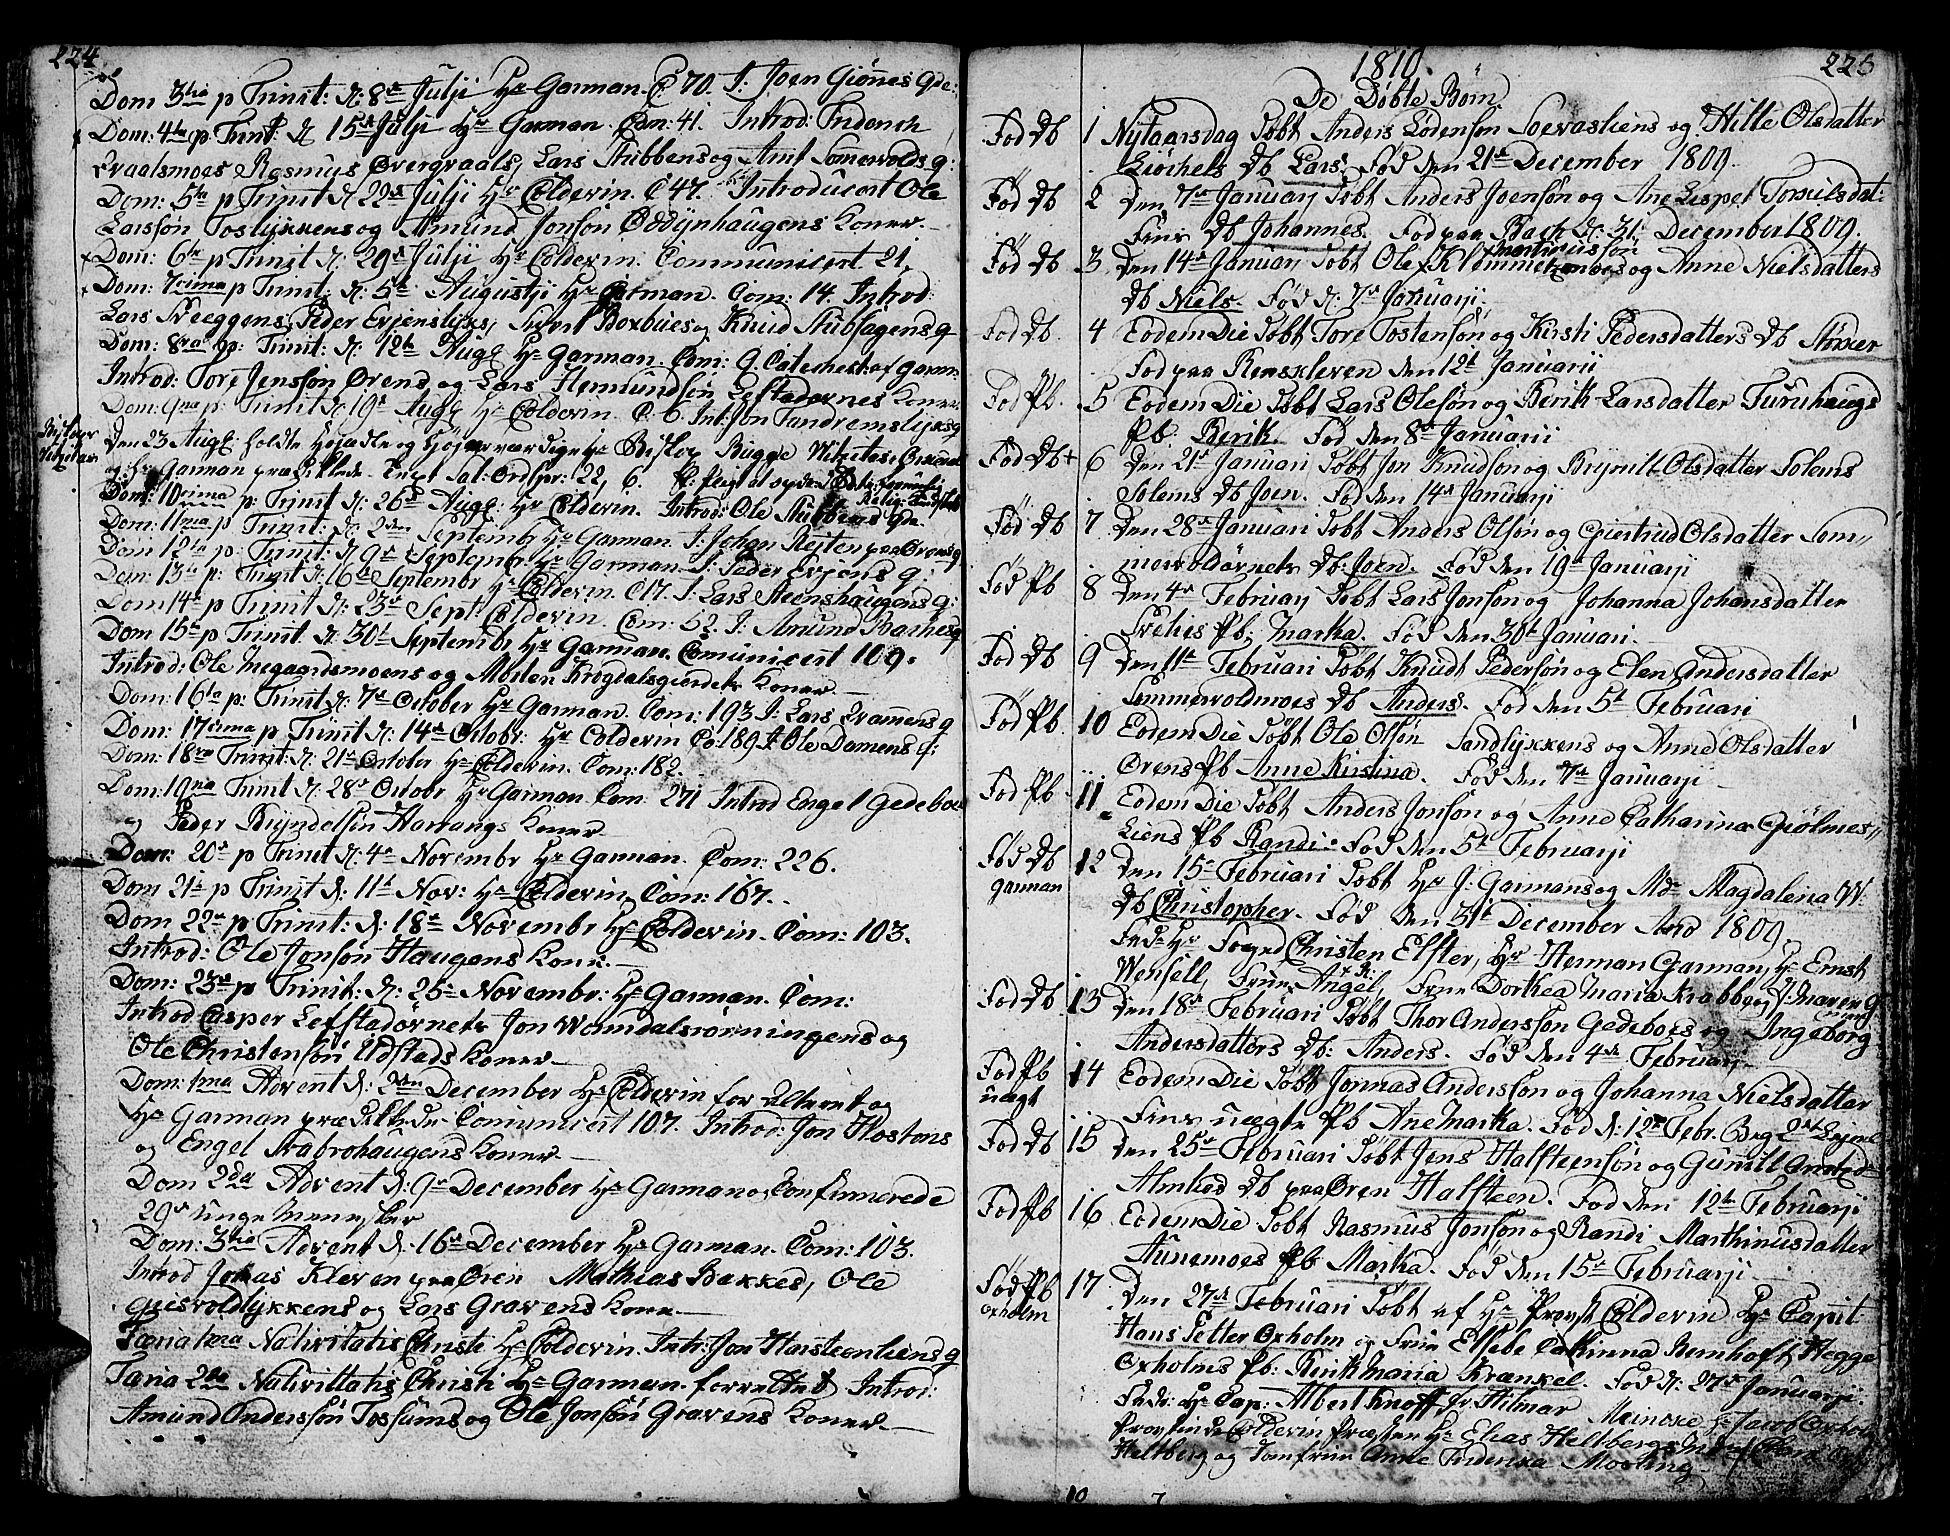 SAT, Ministerialprotokoller, klokkerbøker og fødselsregistre - Sør-Trøndelag, 668/L0815: Klokkerbok nr. 668C04, 1791-1815, s. 224-225